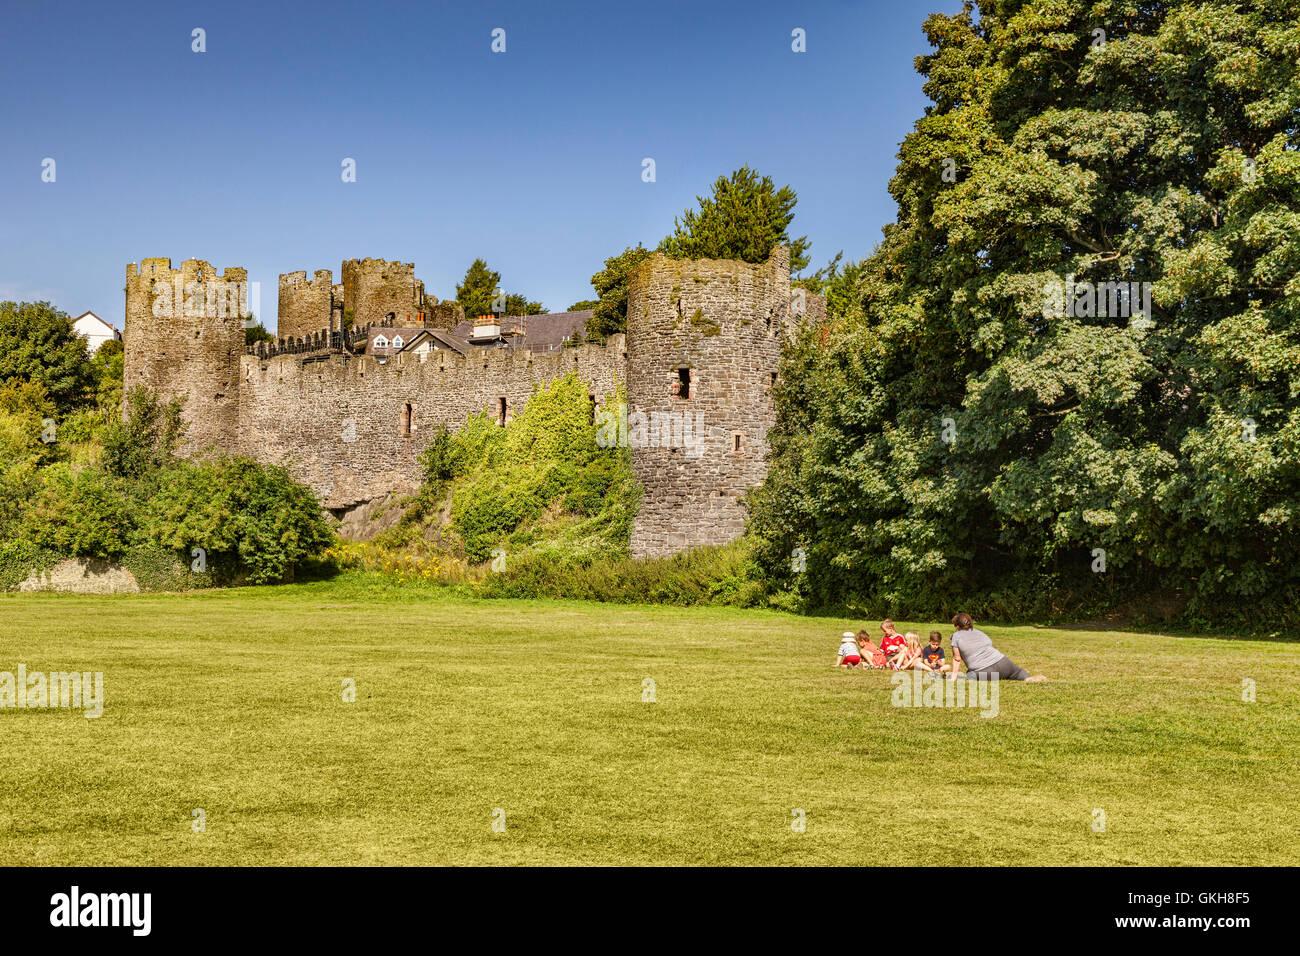 Les murs de la ville médiévale de Conwy, Pays de Galles, Royaume-Uni Photo Stock